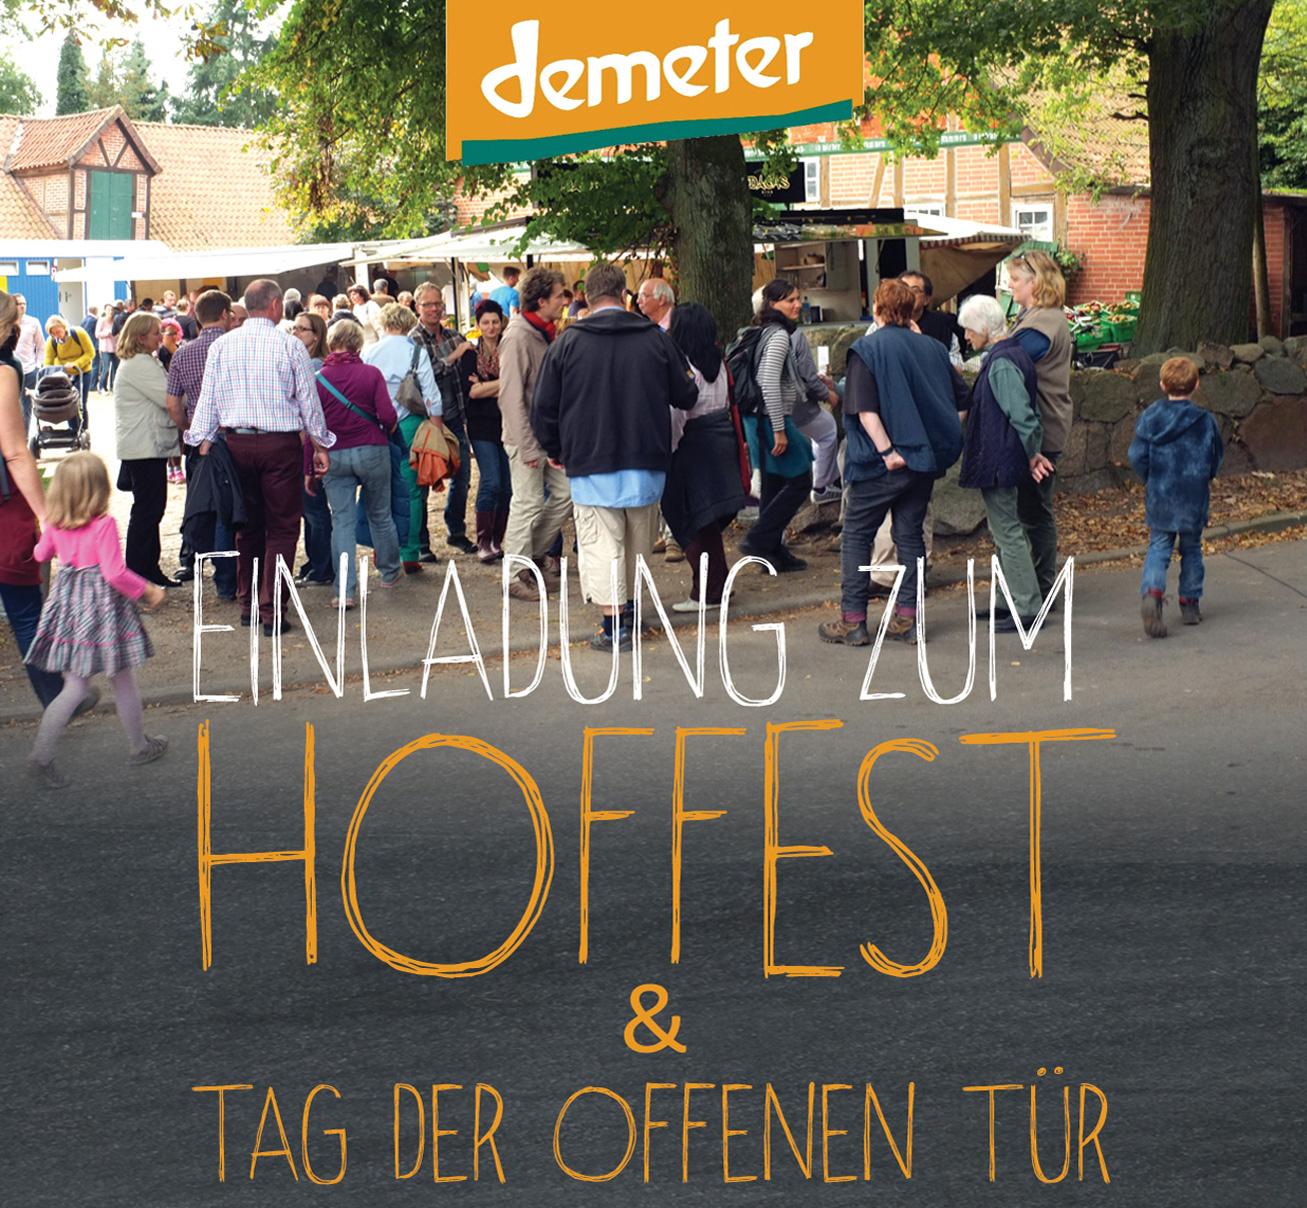 Harwege Hoffest 2015 Bild